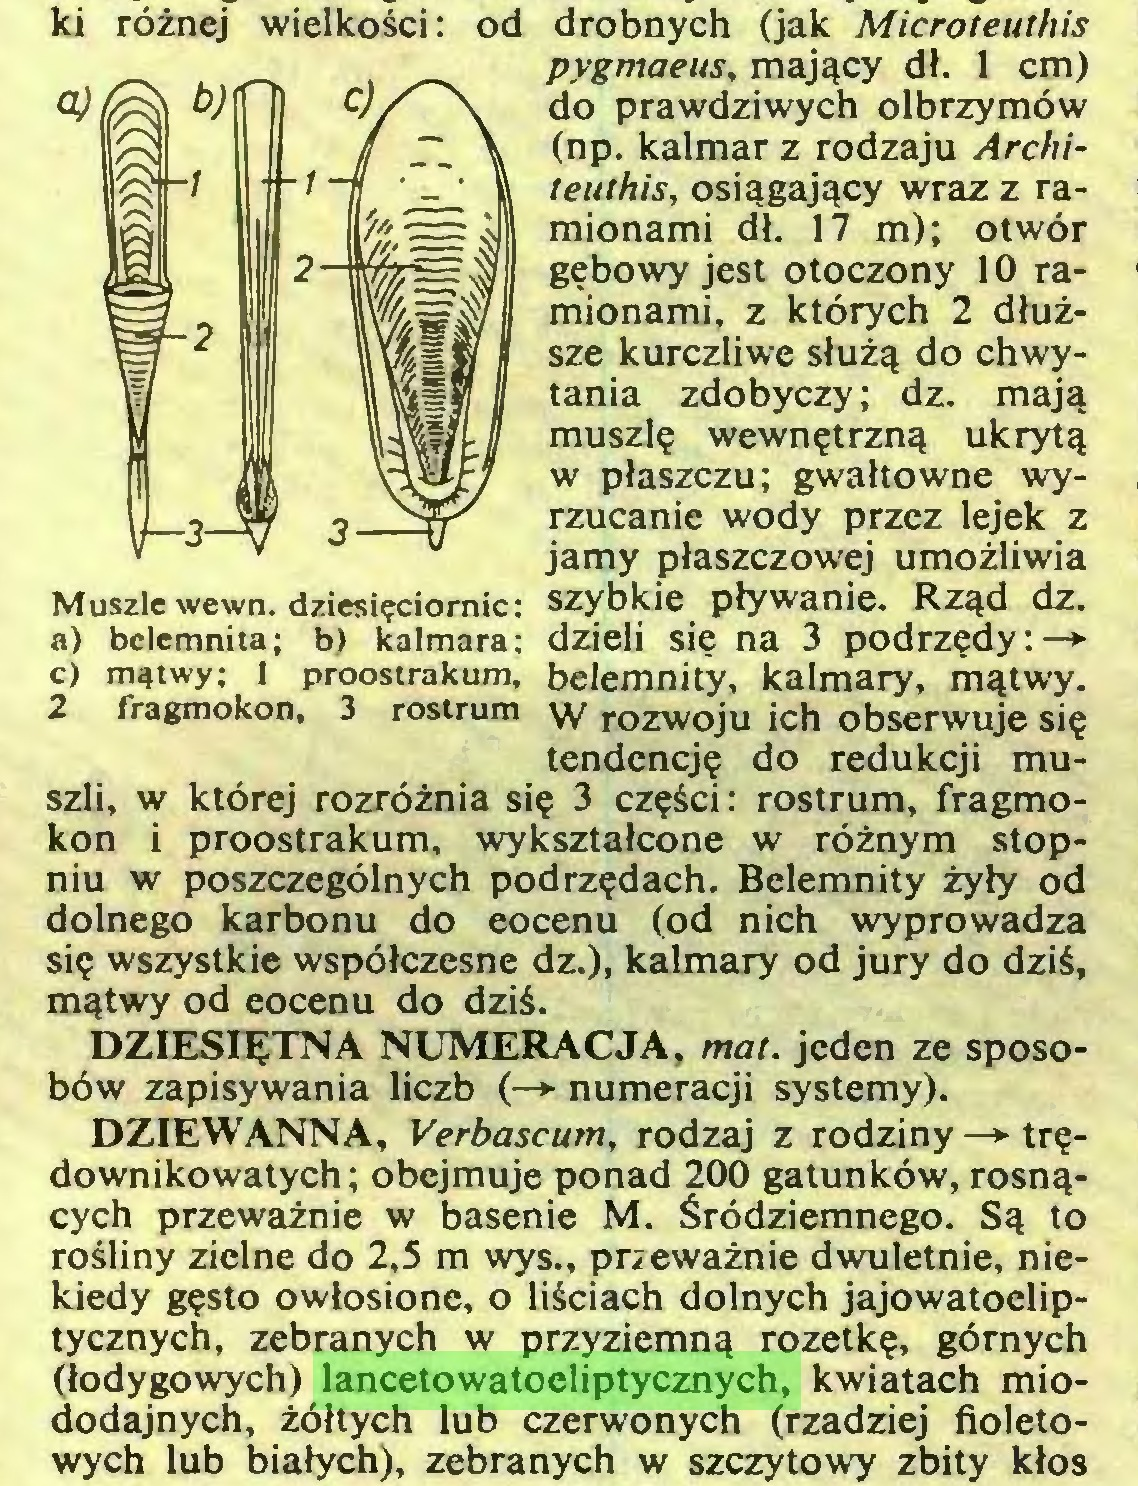 (...) DZIEWANNA, Verbascum, rodzaj z rodziny —> trędownikowatych; obejmuje ponad 200 gatunków, rosnących przeważnie w basenie M. Śródziemnego. Są to rośliny zielne do 2,5 m wys., przeważnie dwuletnie, niekiedy gęsto owłosione, o liściach dolnych jajowatoeliptycznych, zebranych w przyziemną rozetkę, górnych (łodygowych) lancetowatoeliptycznych, kwiatach miododajnych, żółtych lub czerwonych (rzadziej fioletowych lub białych), zebranych w szczytowy zbity kłos ki różnej wielkości: od...